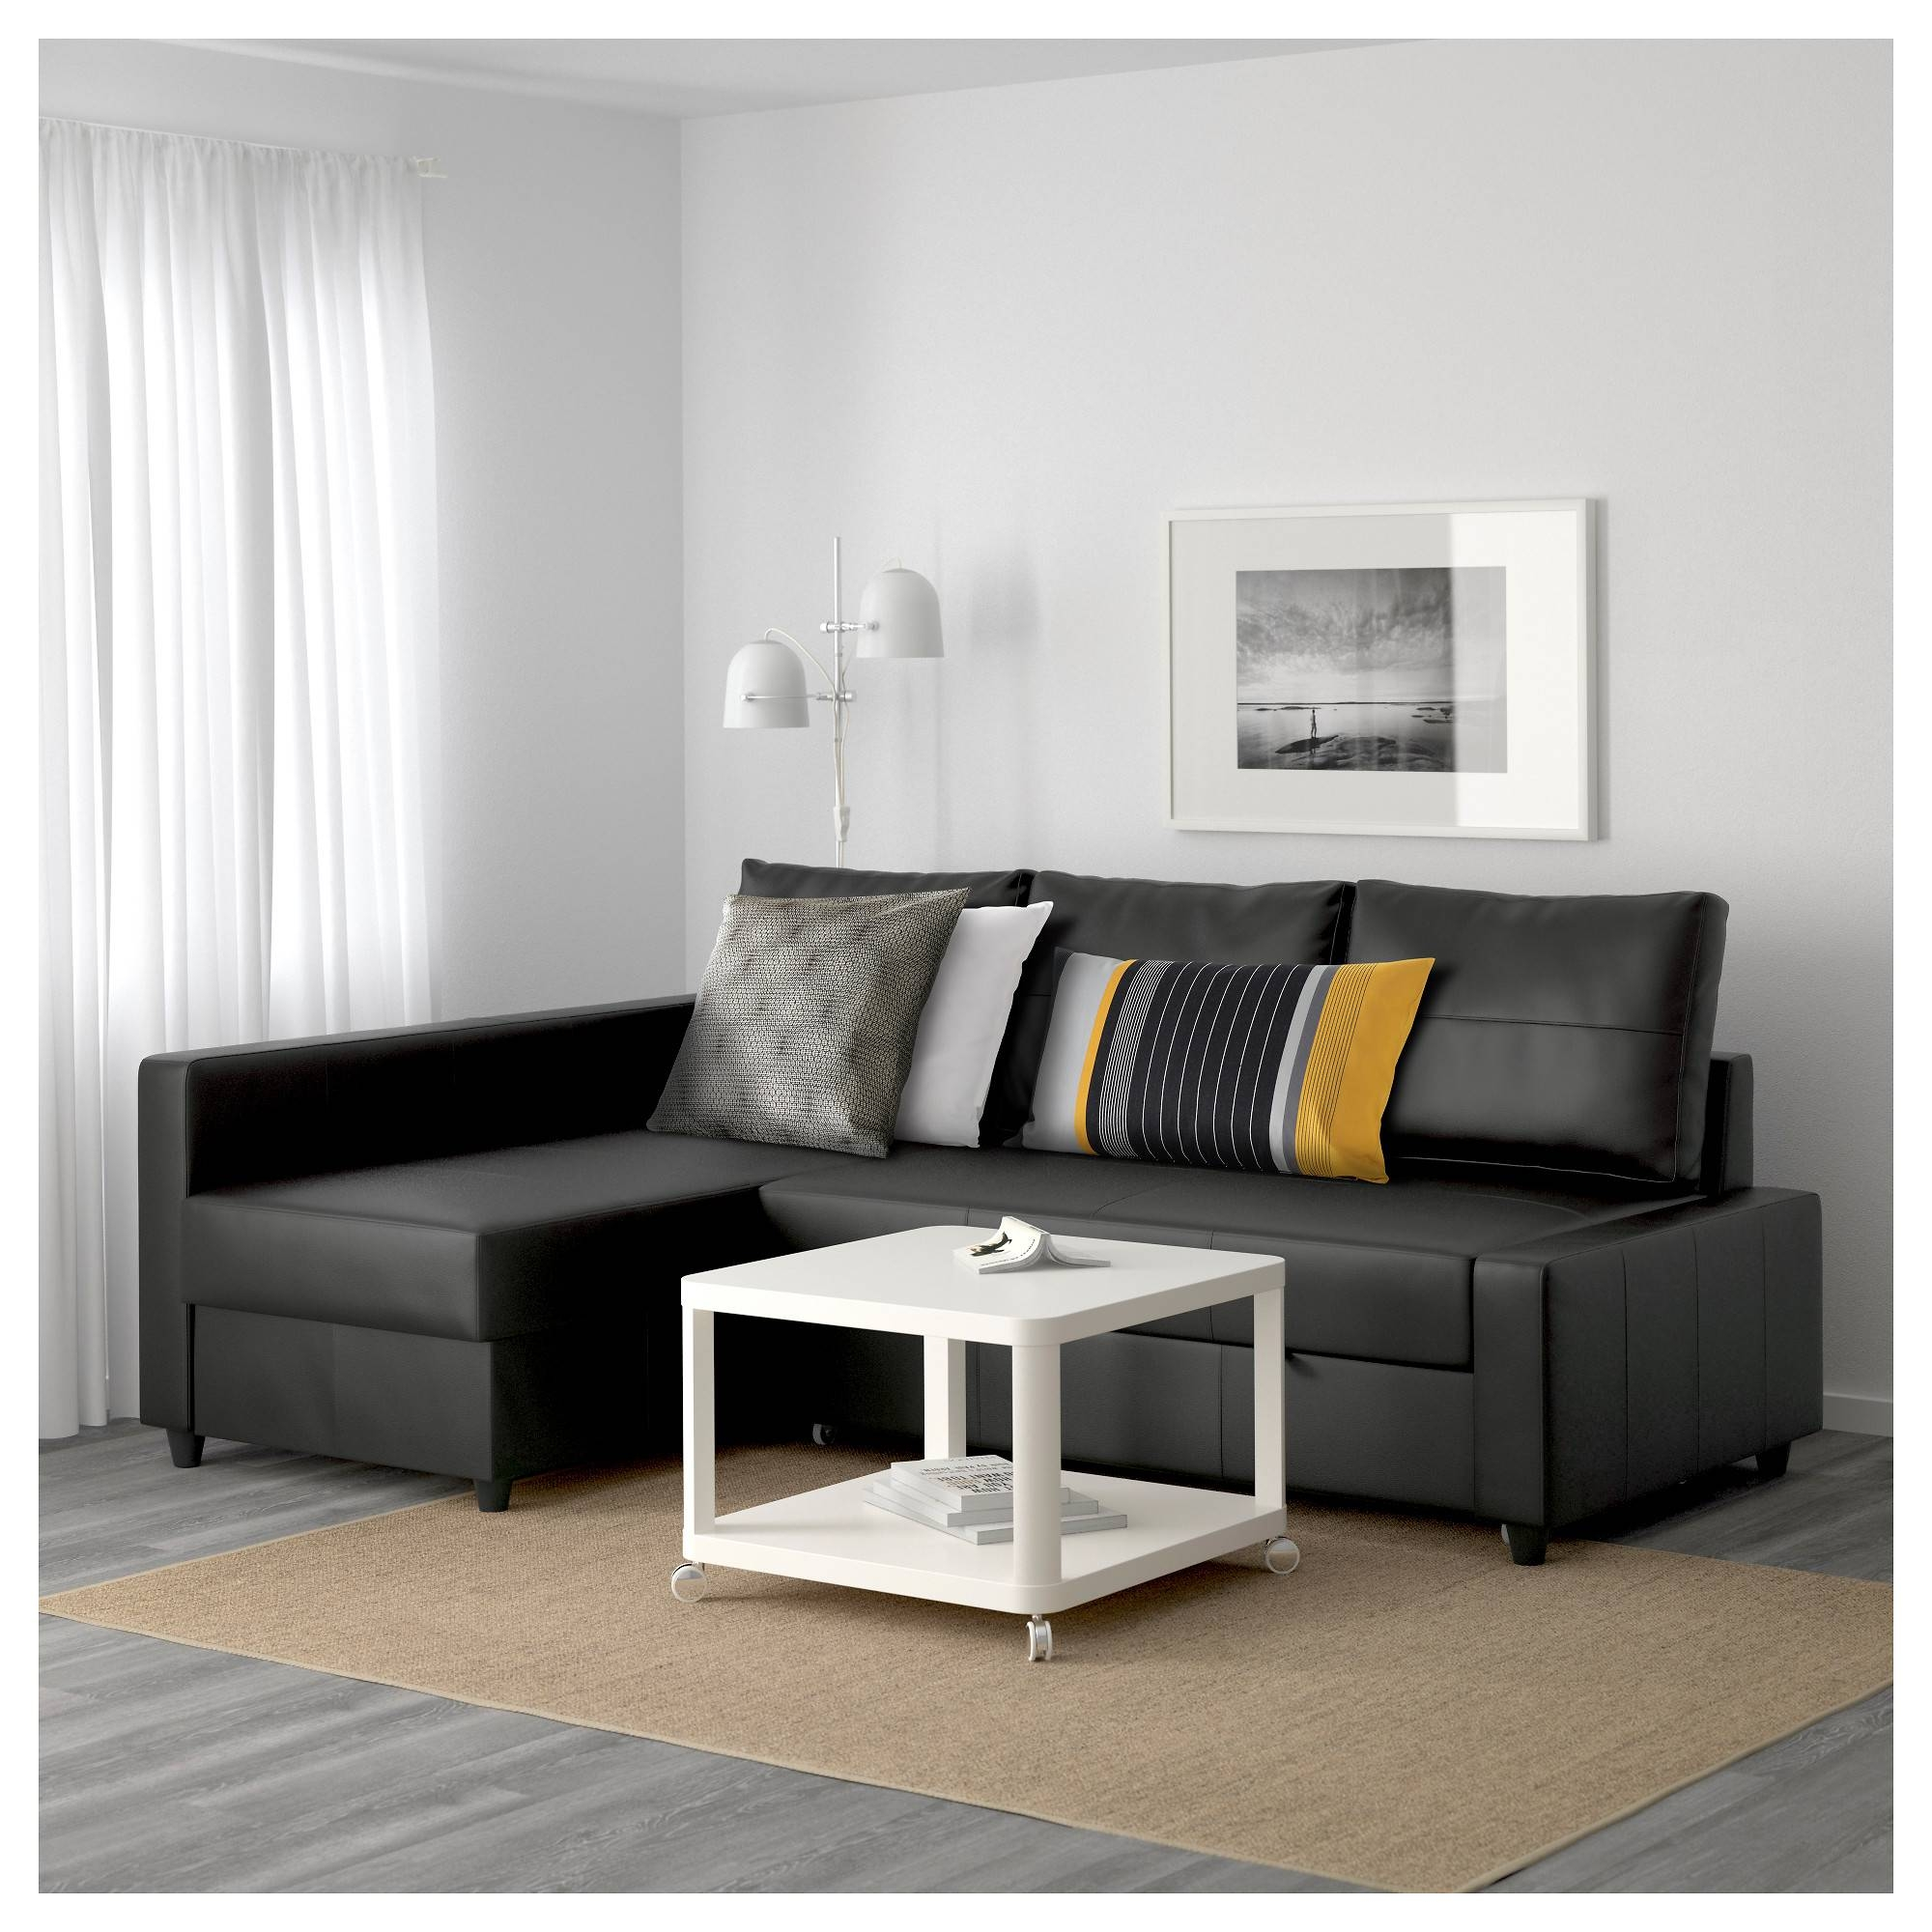 Friheten Corner Sofa-Bed With Storage Bomstad Black - Ikea within Storage Sofas Ikea (Image 2 of 25)